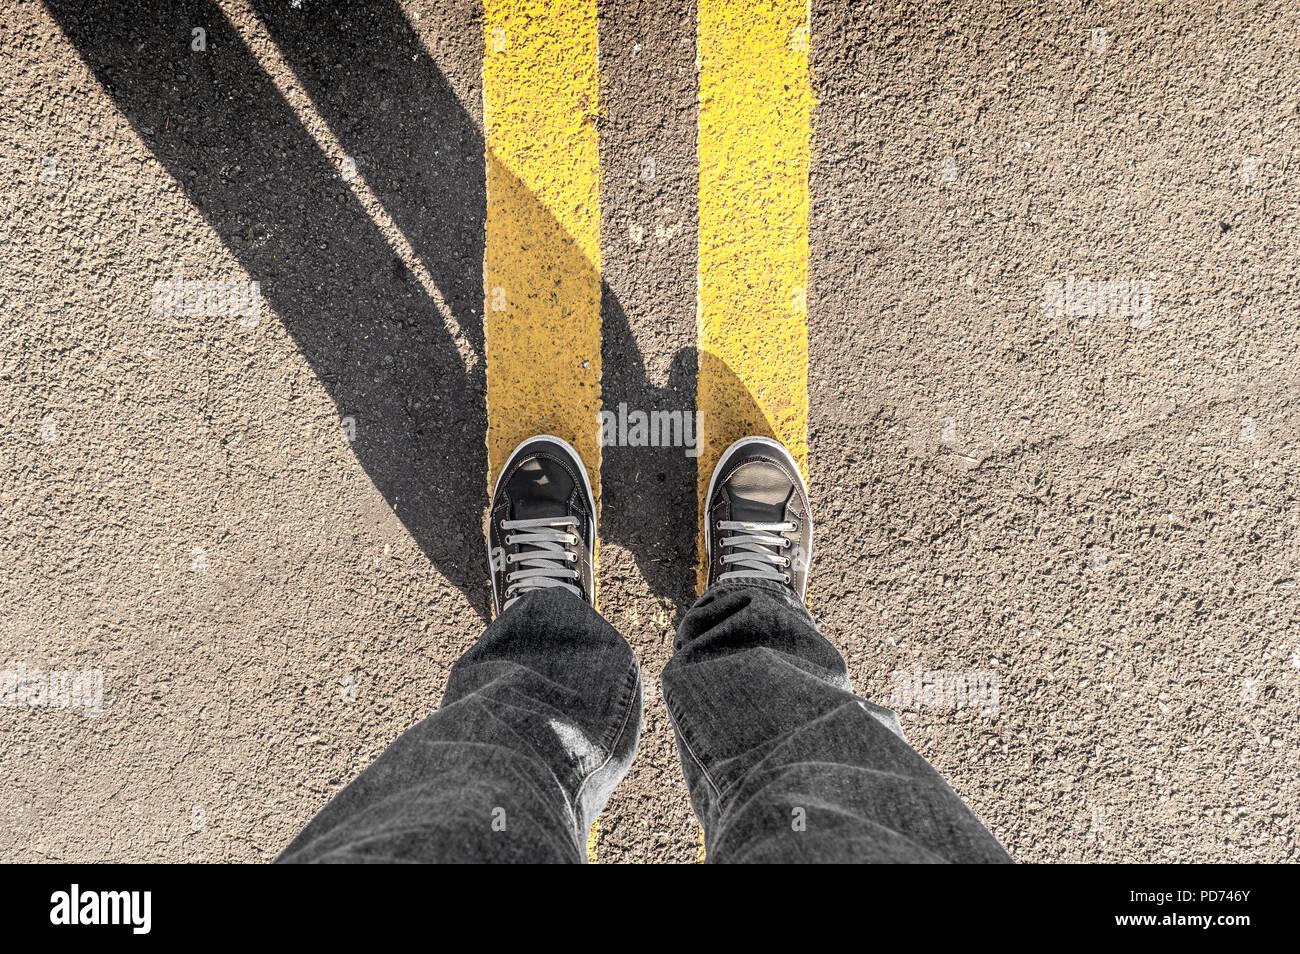 Point de vue personnel de la personne les jambes et s'street lignes jaunes Photo Stock